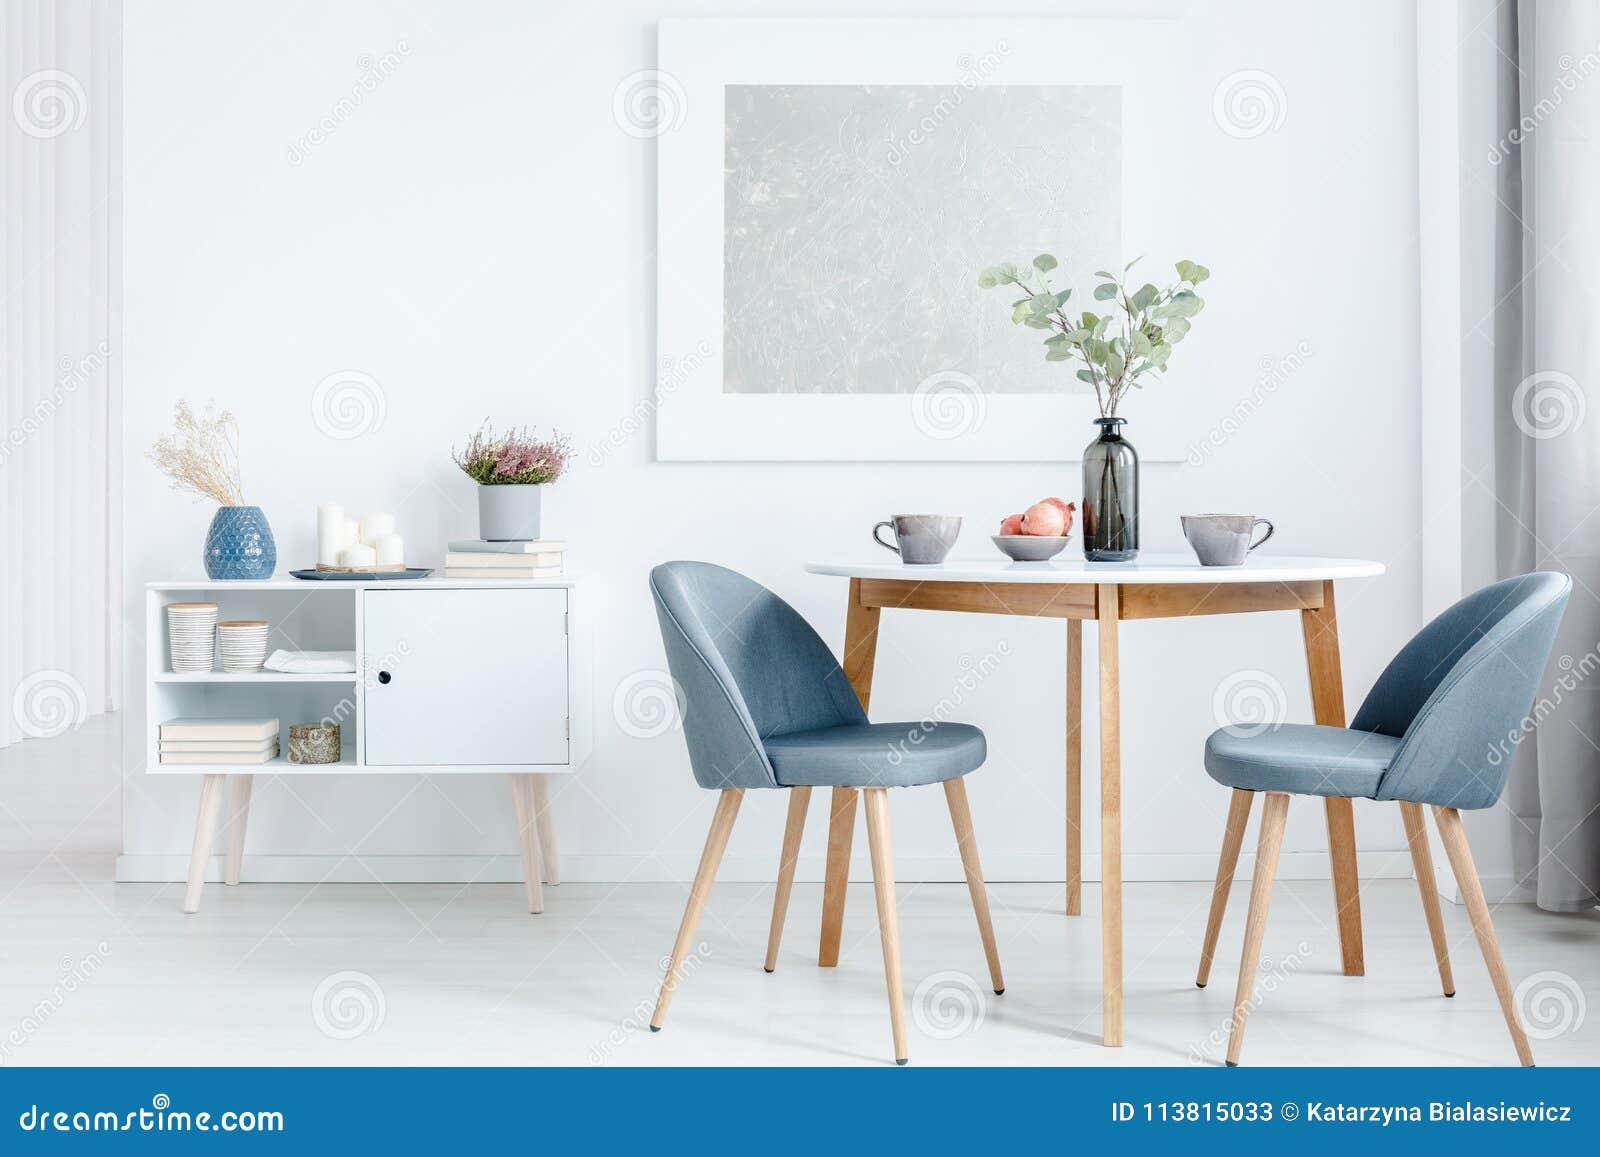 Kleine Keukentafel Met 2 Stoelen.Kleine Eettafel Met Stoelen Stock Afbeelding Afbeelding Bestaande